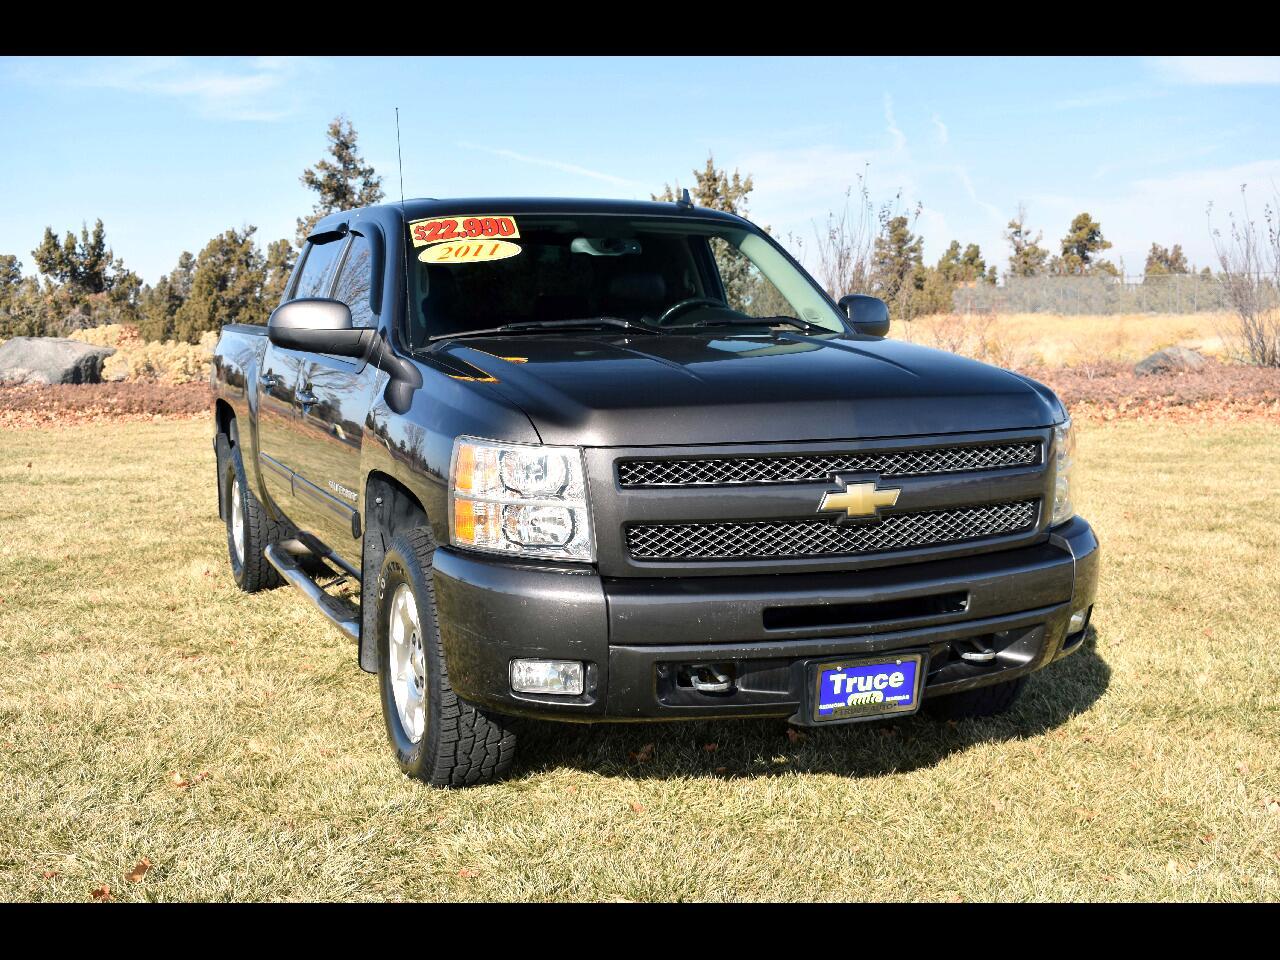 2011 Chevrolet Silverado 1500 4WD Crew Cab LTZ**LOW MILES**